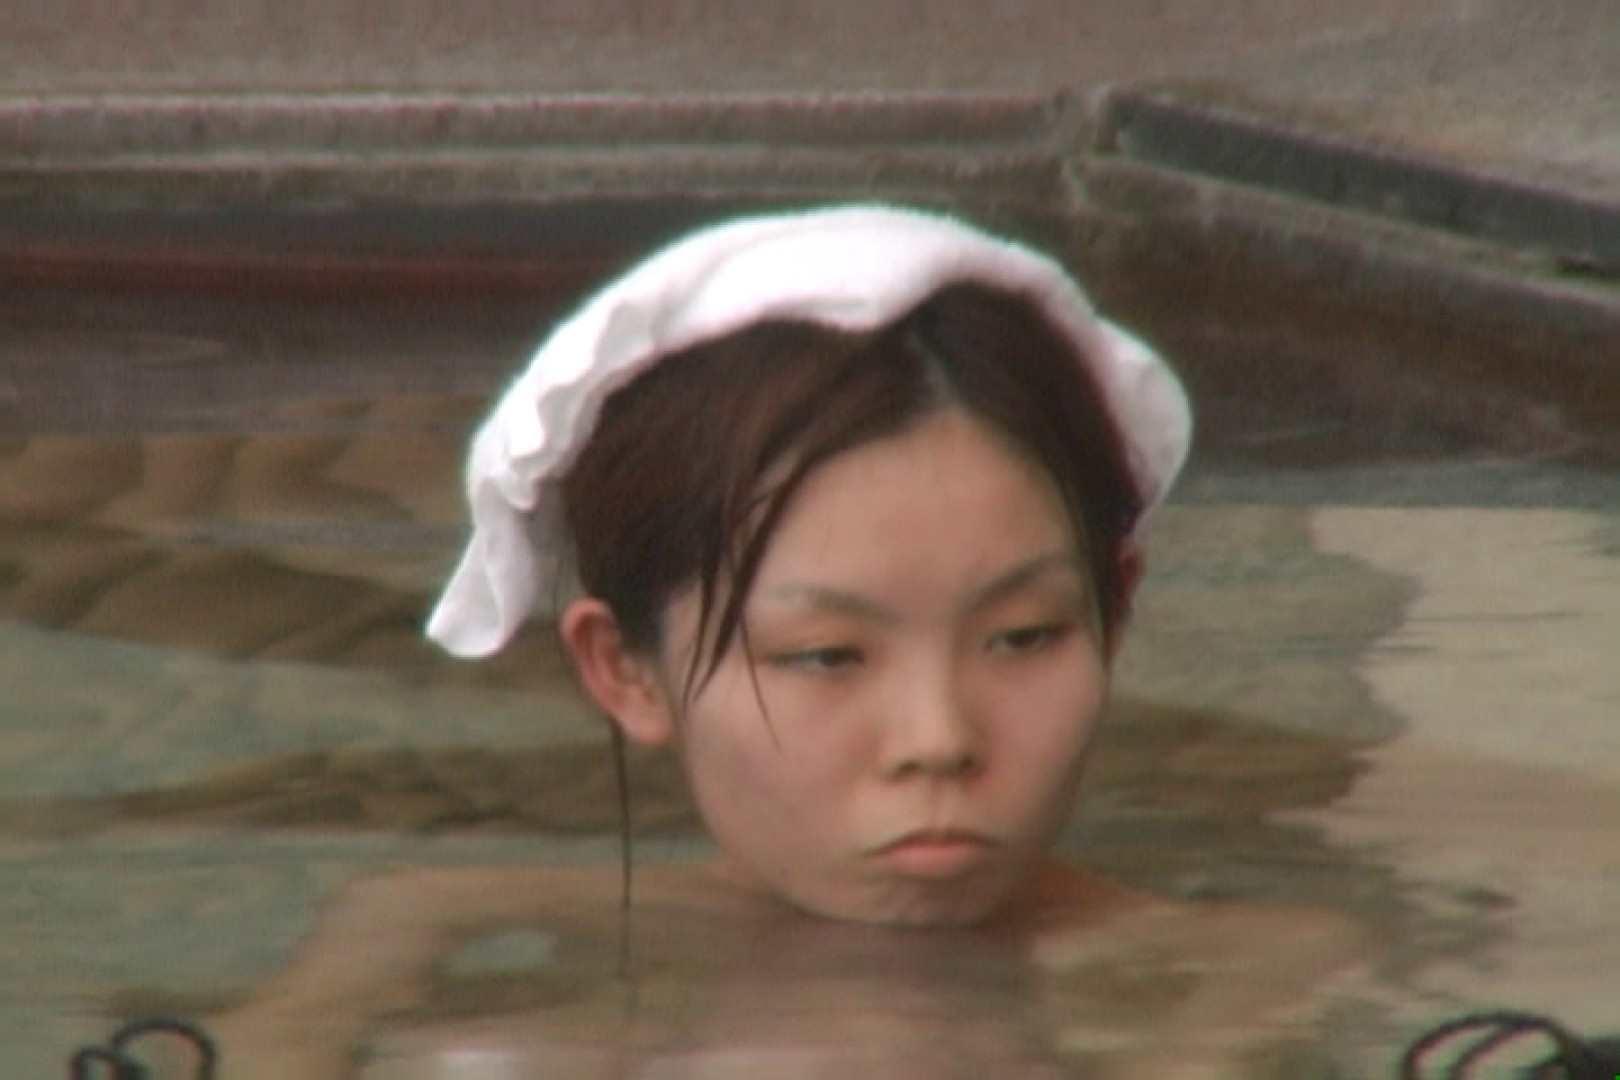 Aquaな露天風呂Vol.580 0   0  103pic 55